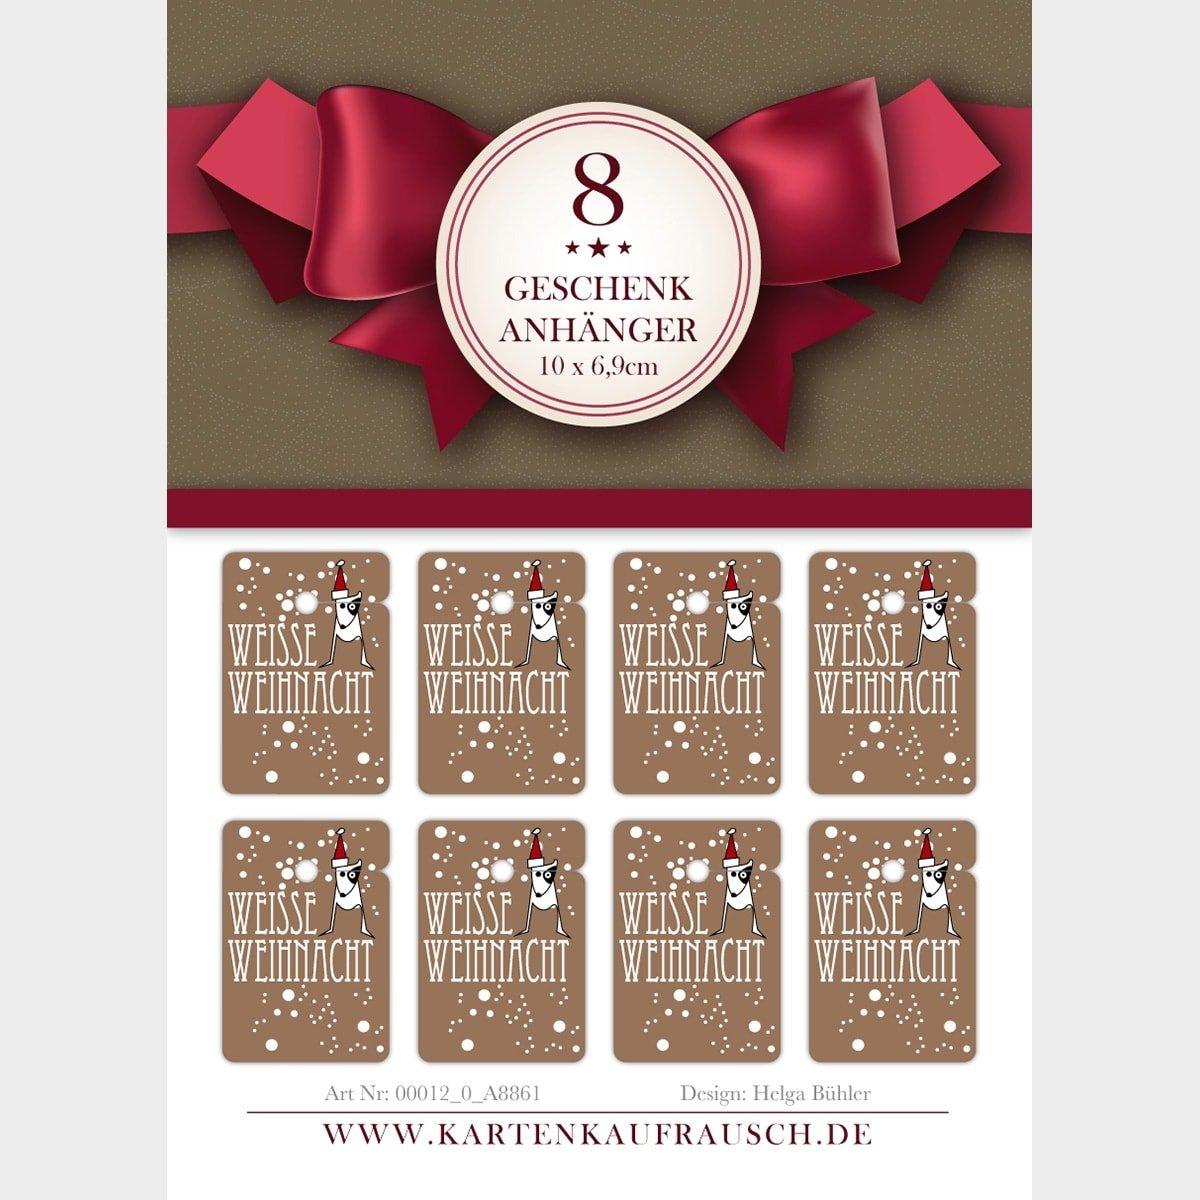 Kartenkaufrausch 10x8 süße Weihnachts Weihnachts Weihnachts Geschenkanhänger   Deko Geschenkkarten   Papieranhänger   Etiketten Format 10 x 6,9cm mit Hündchen: Weiße Weihnacht 2c24c6